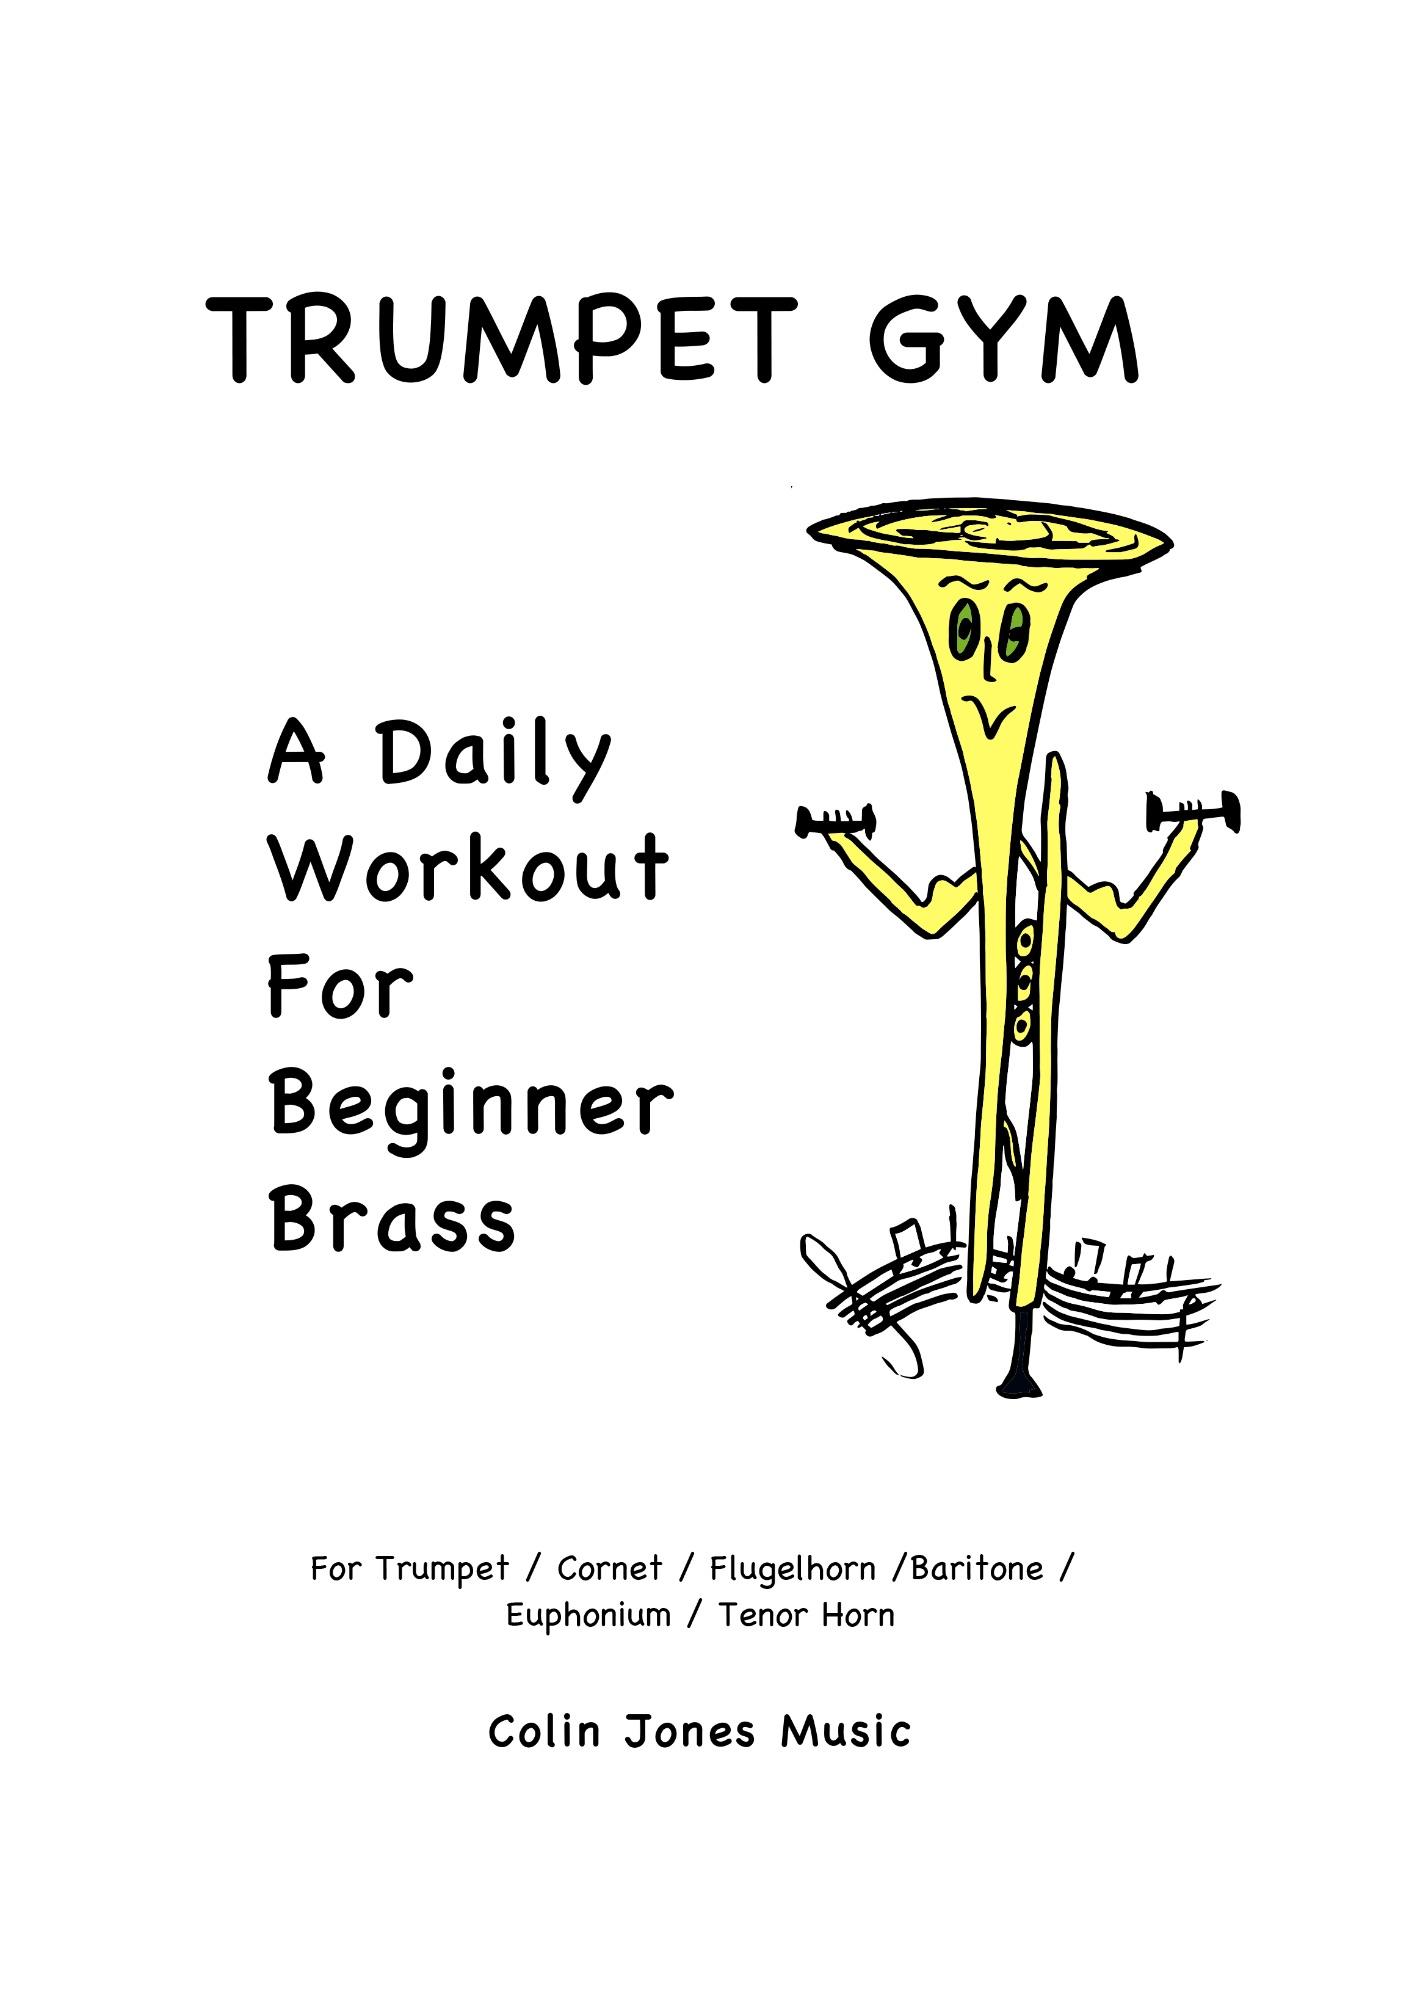 Trumpet Gym